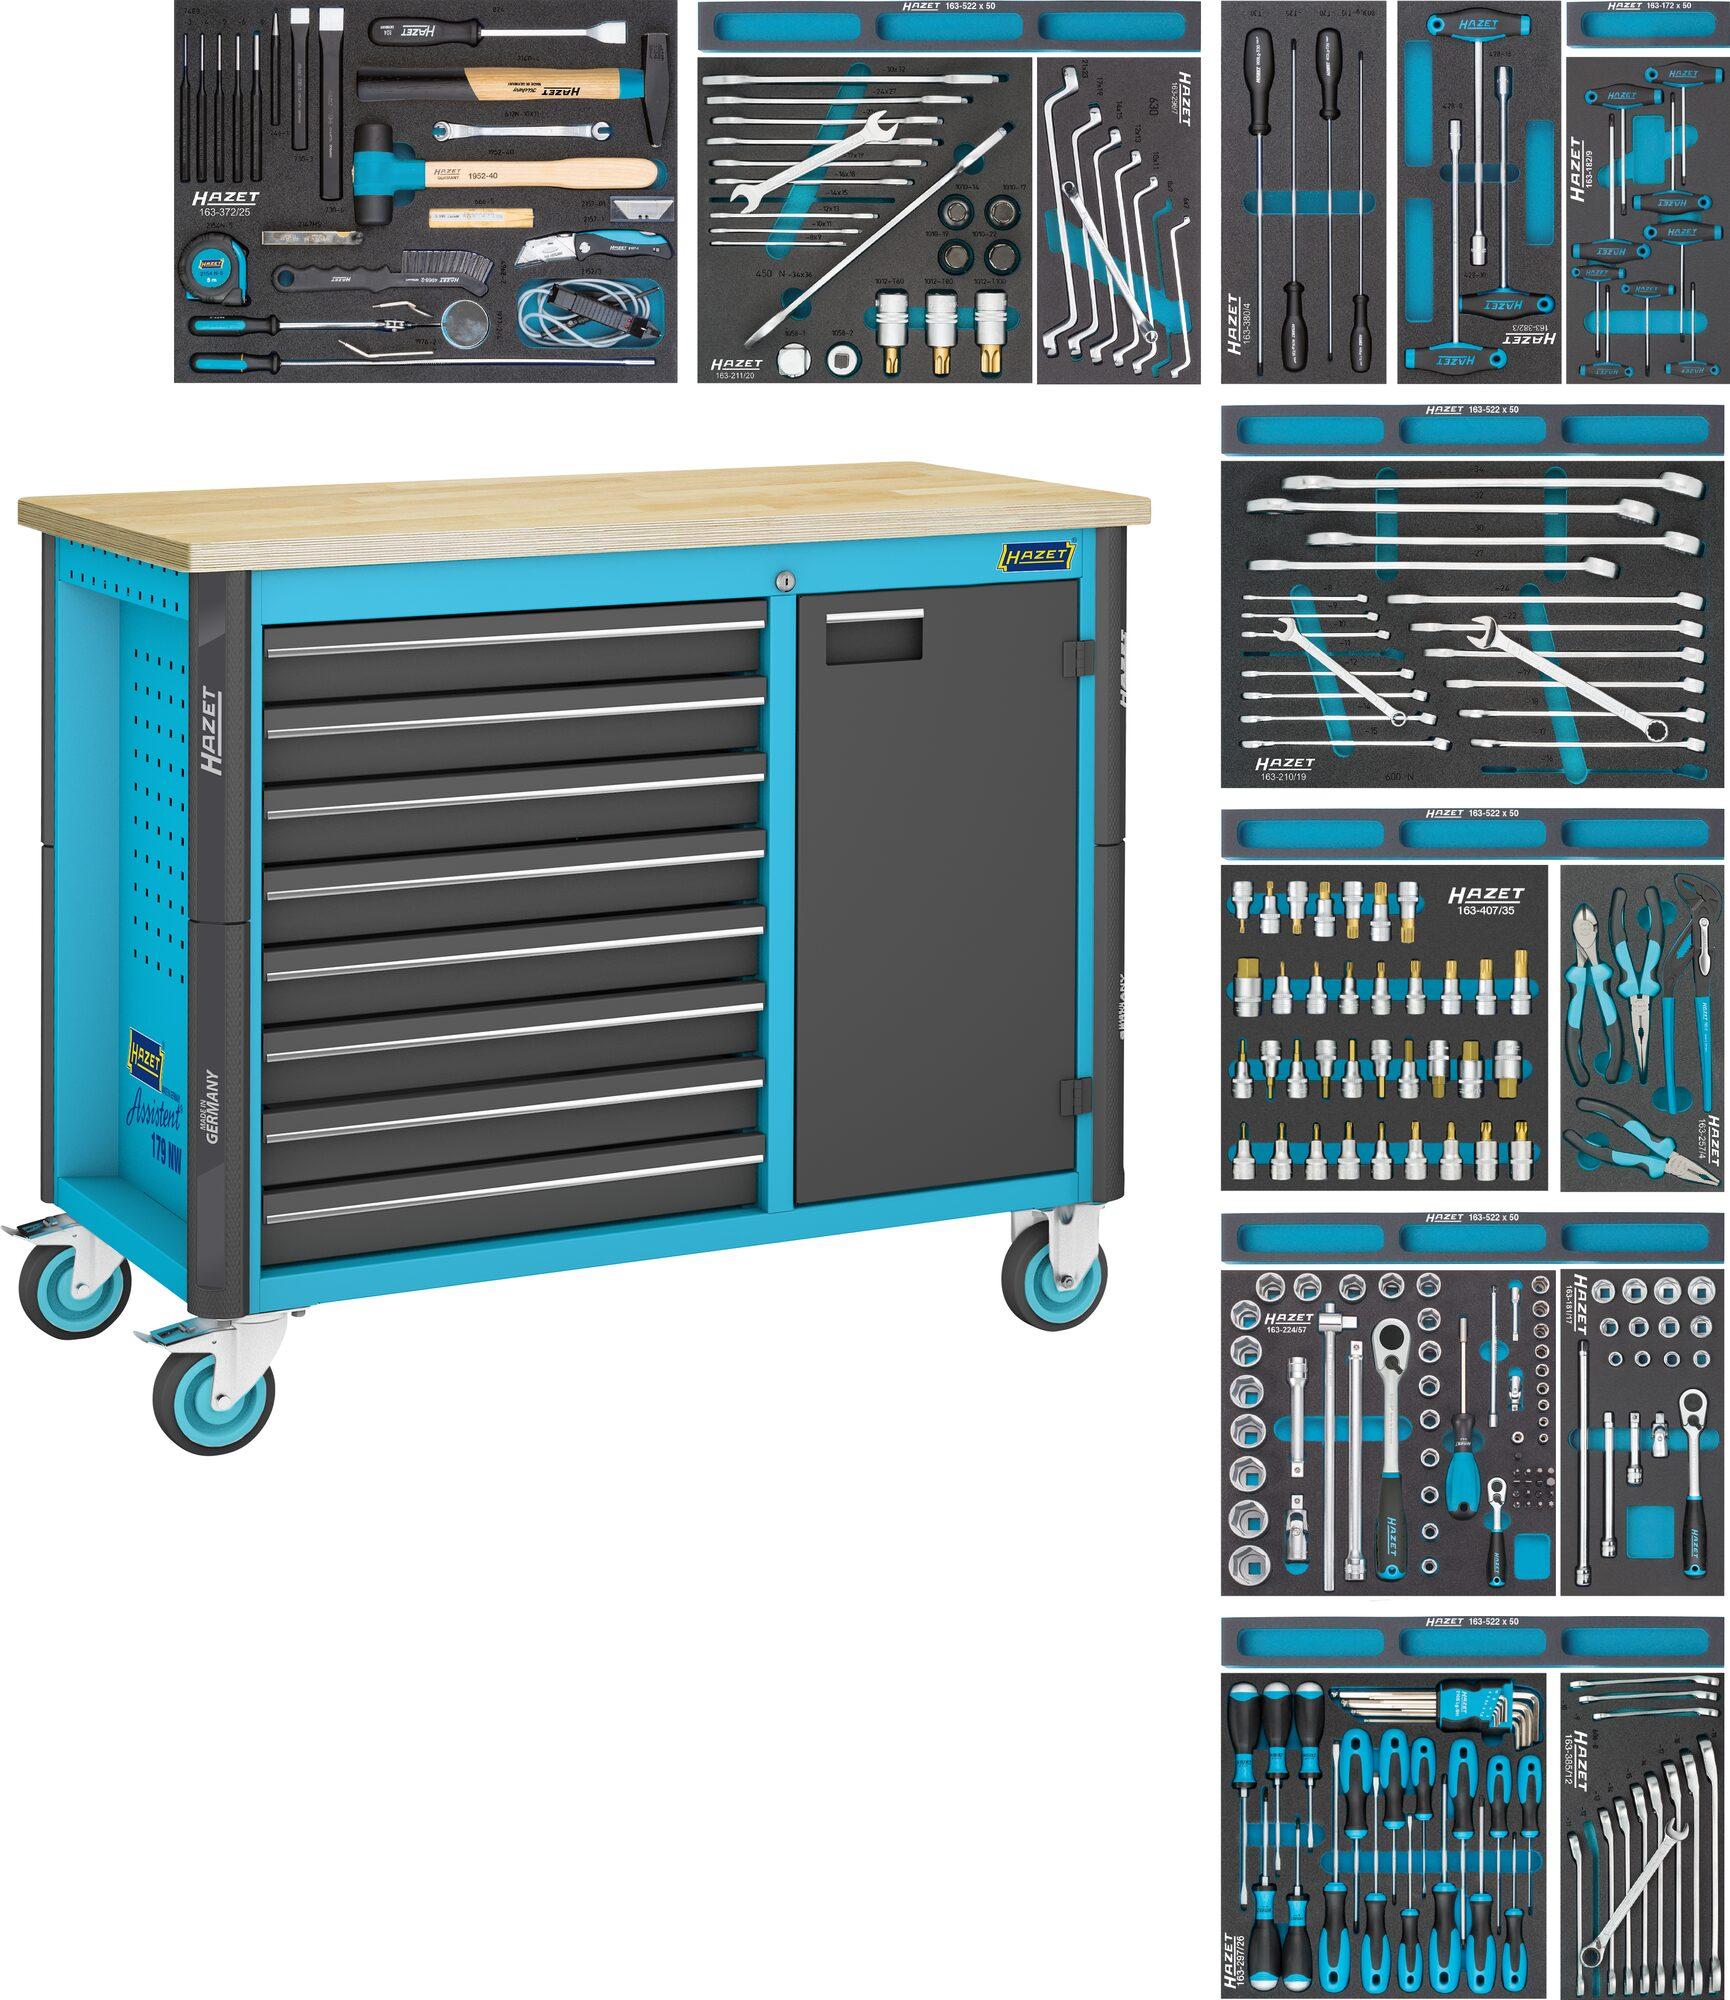 HAZET Fahrbare Werkbank 179NW-8/244 ∙ Schubladen, flach: 8x 81x522x398 mm ∙ Anzahl Werkzeuge: 244